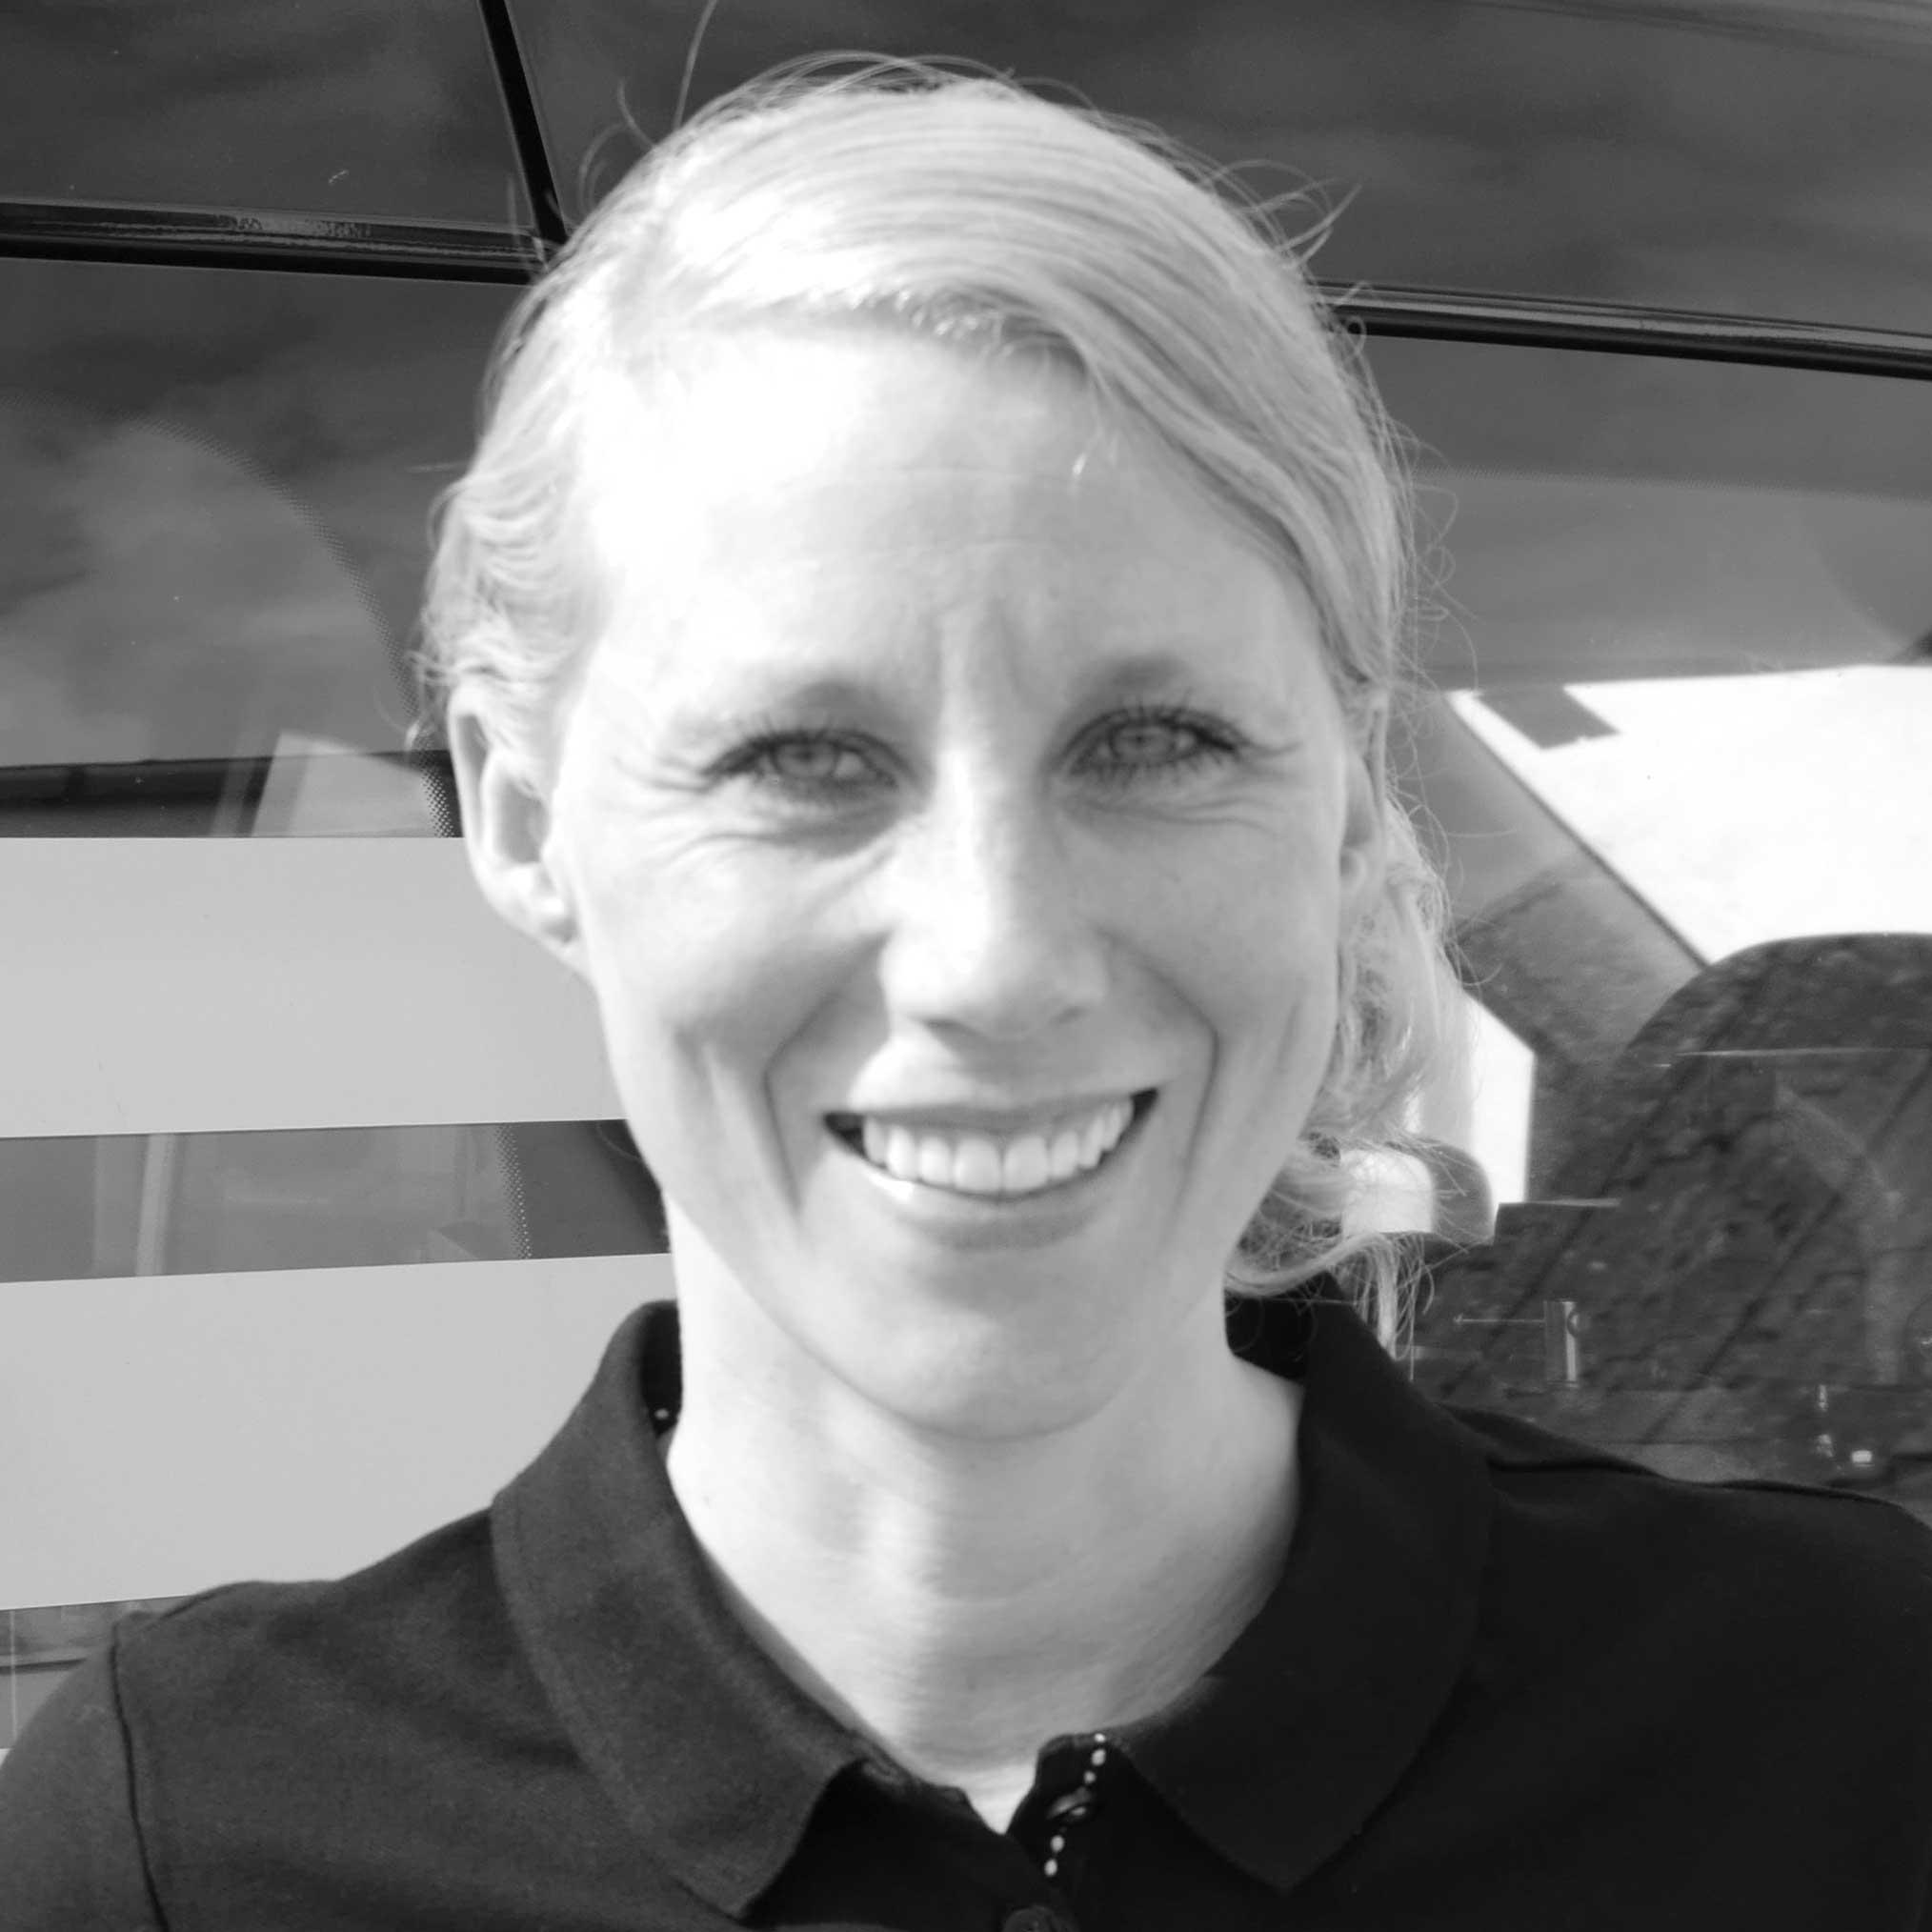 Christina Thornberg : Salg / Ergoterapeut